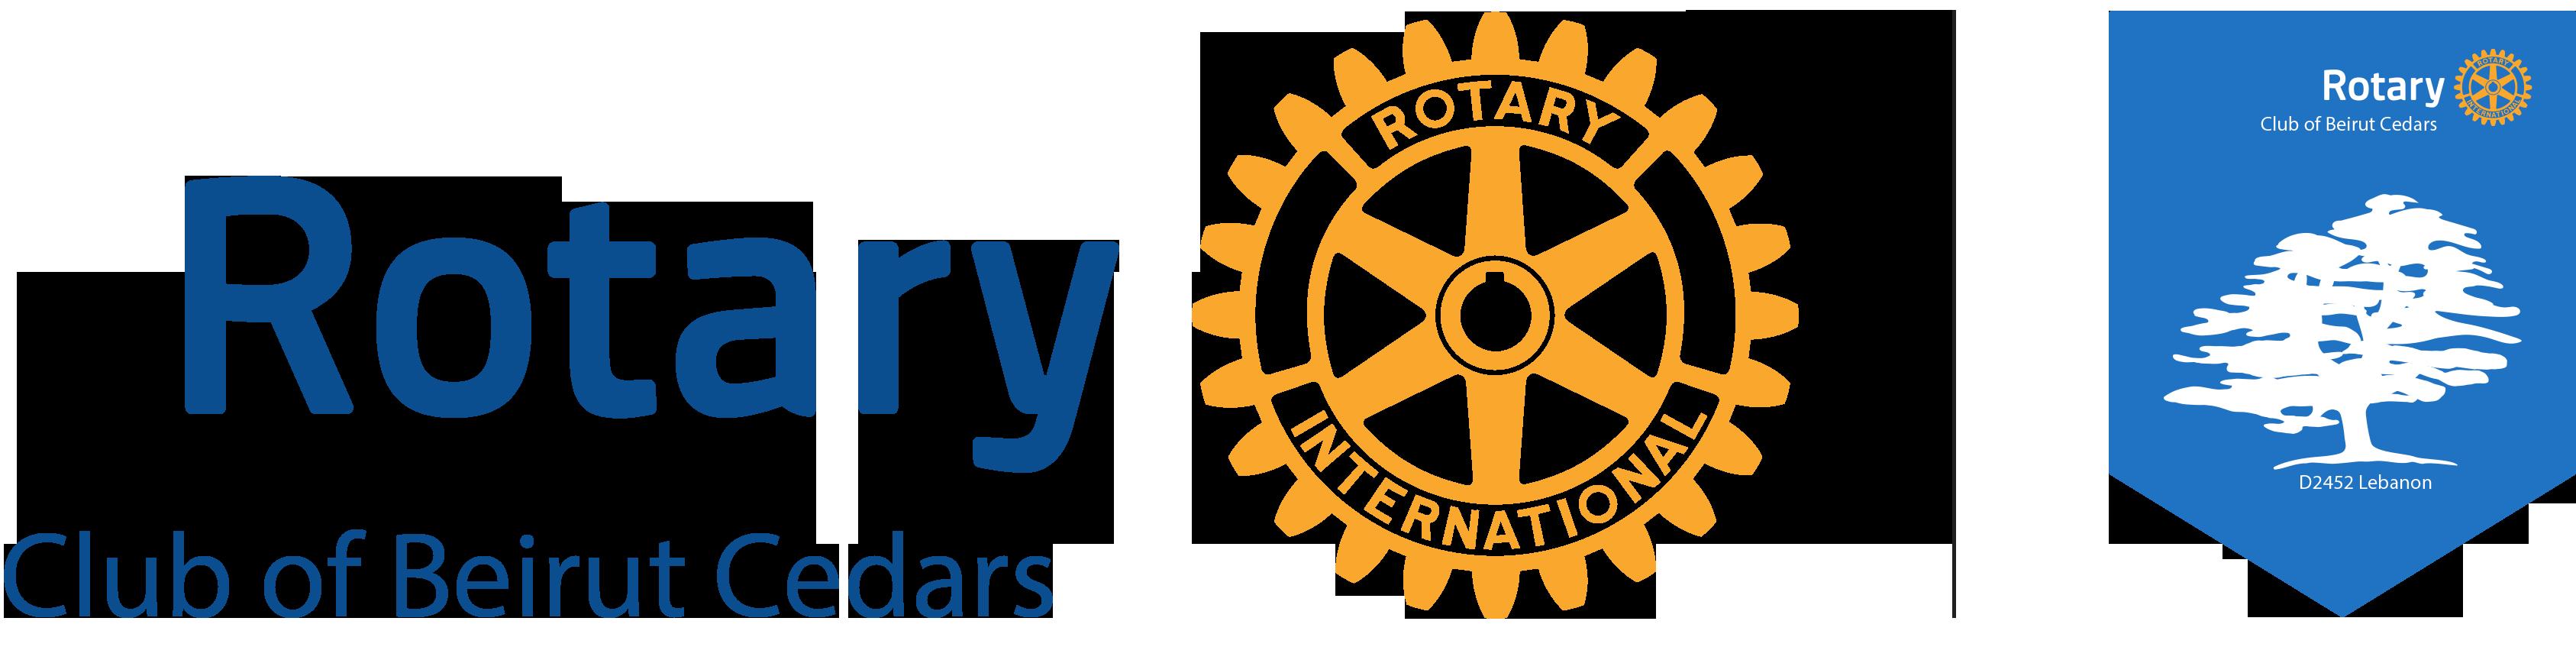 Rotary Club Beirut Cedars